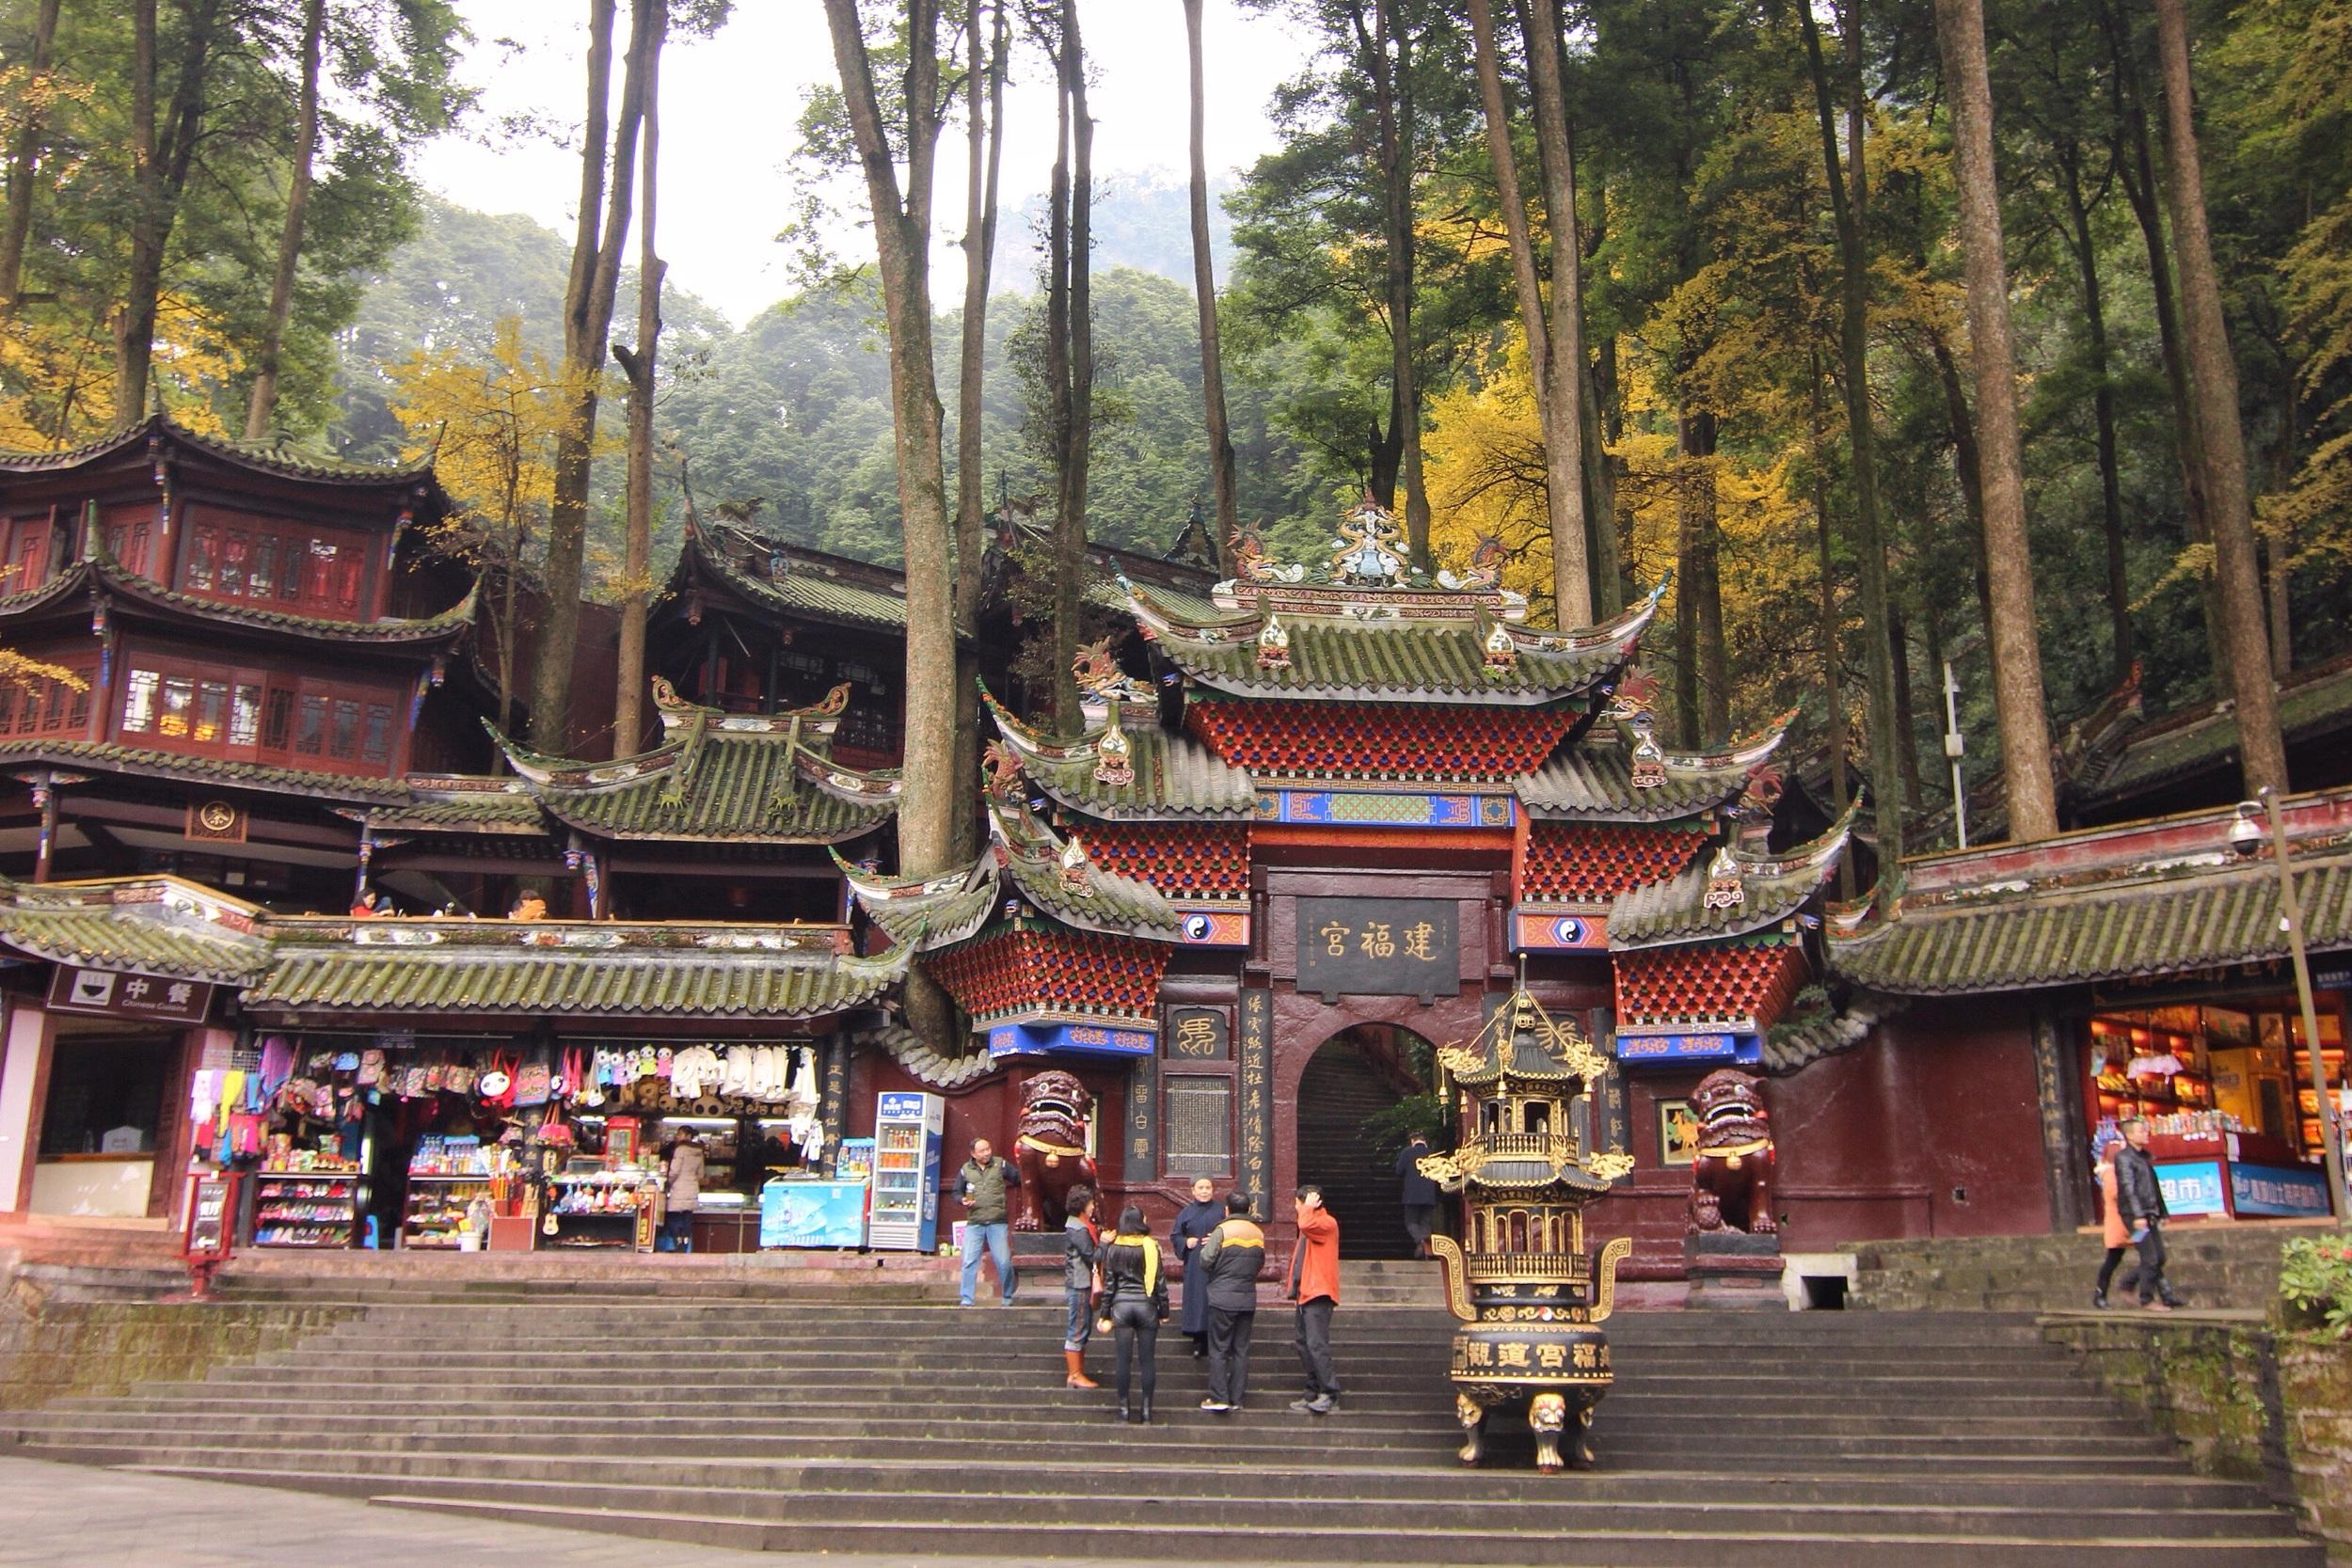 Near the main gate.